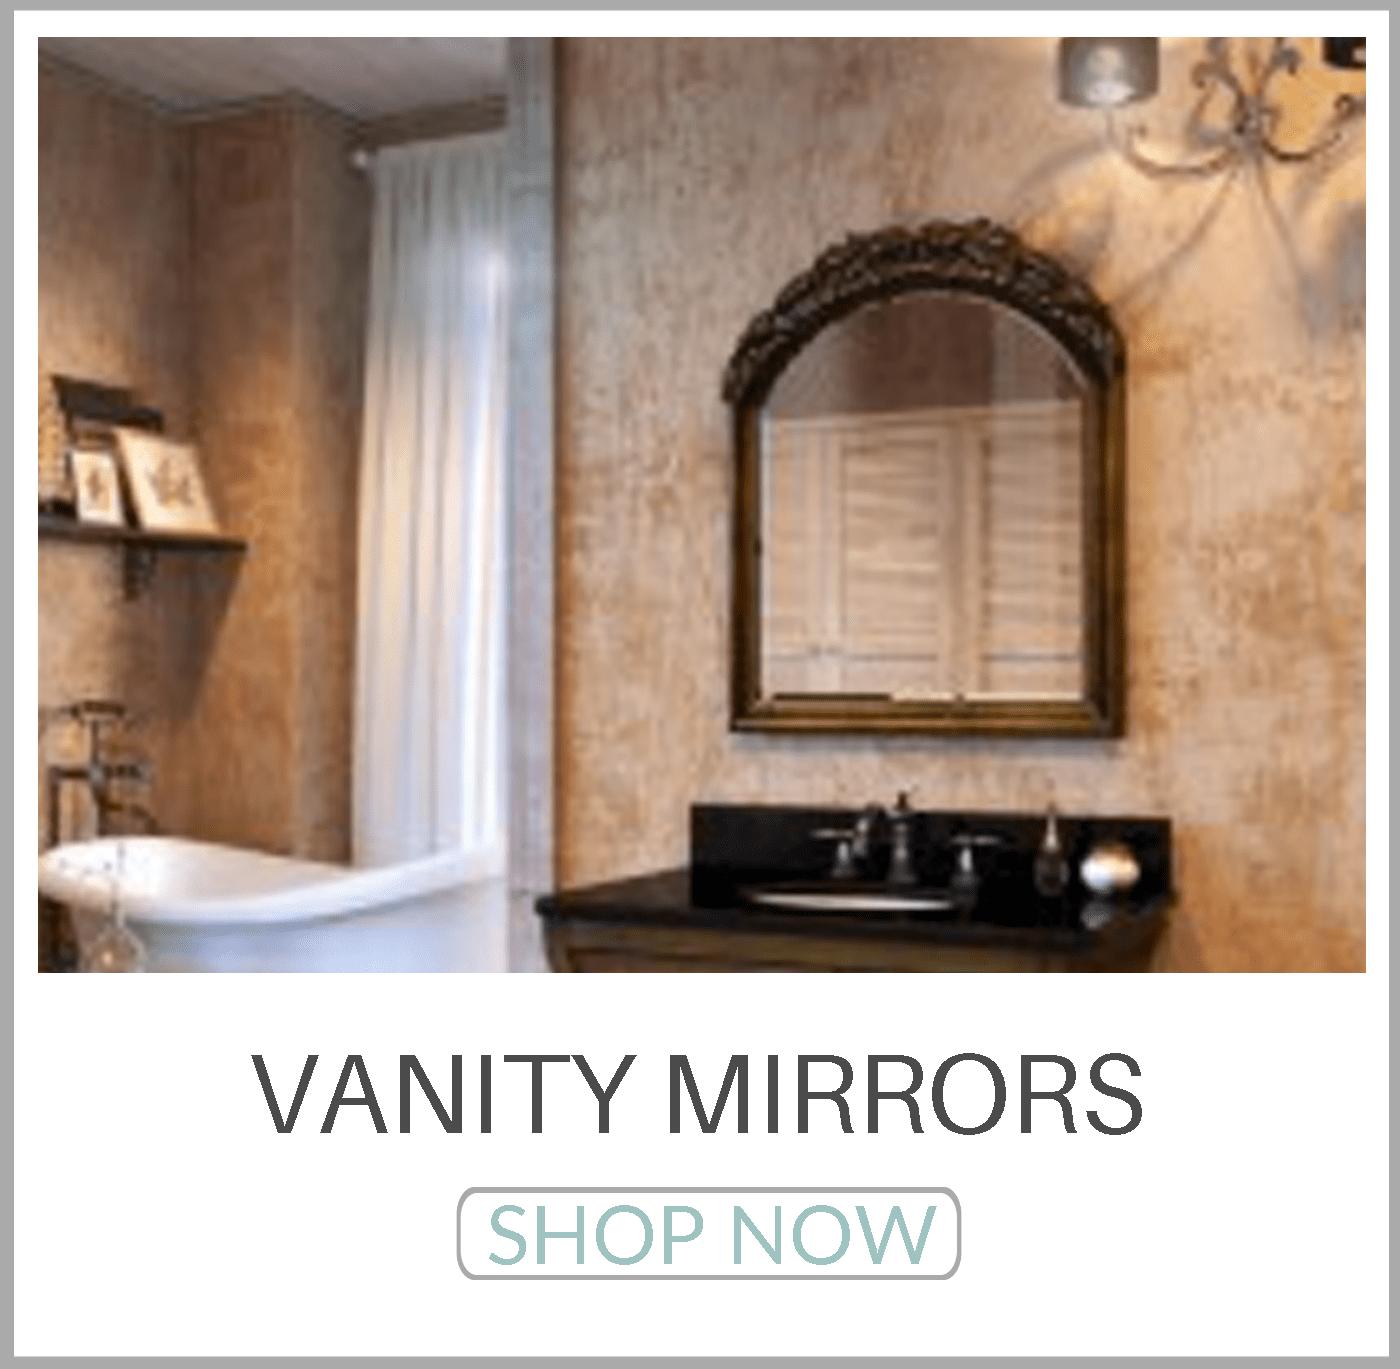 Vanity Mirrors SHOP NOW